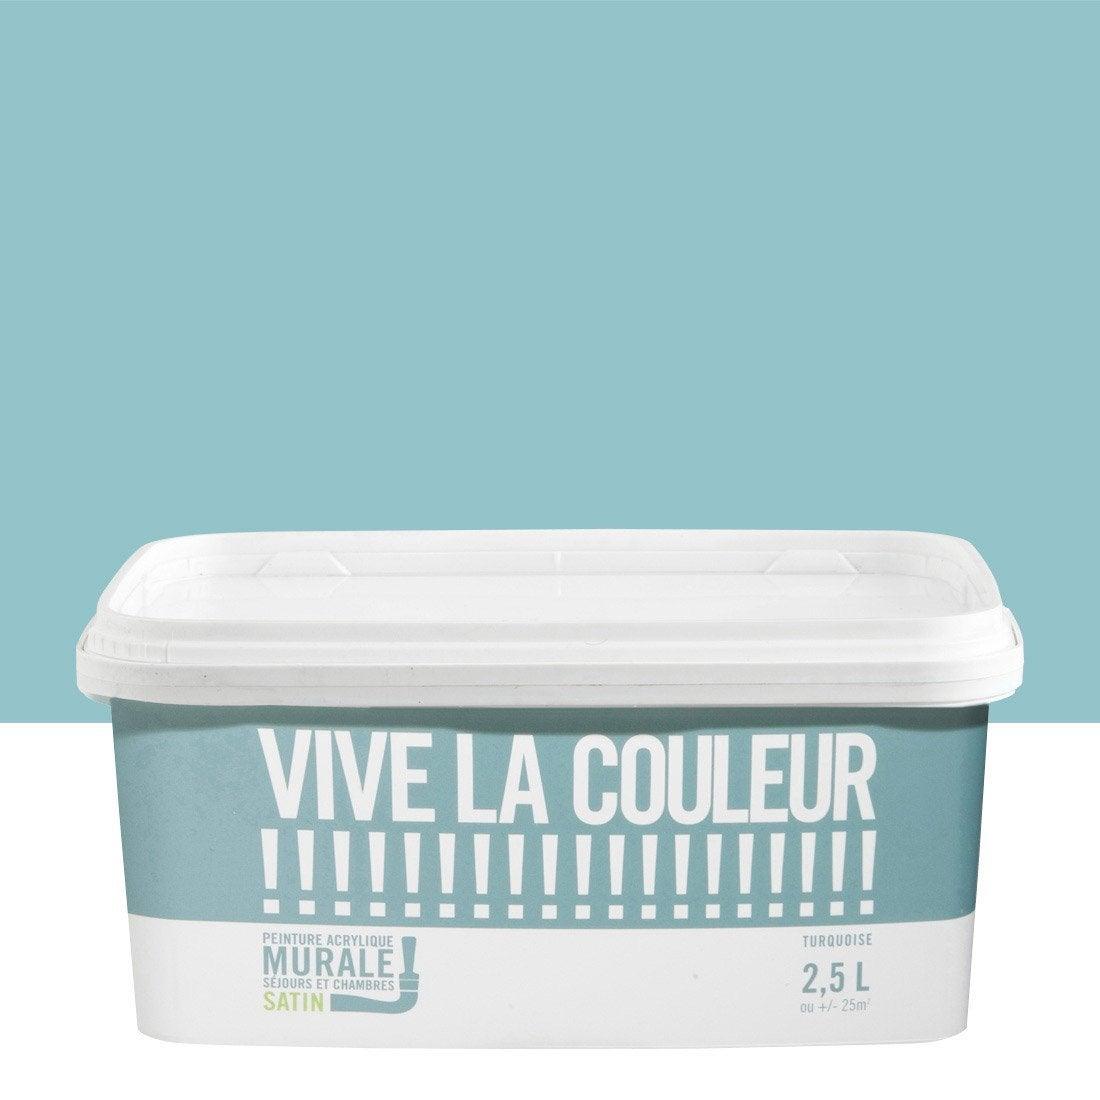 Peinture murale vive la couleur bleu turquoise 2 5 l leroy merlin for Cuisine bleu turquoise leroy merlin